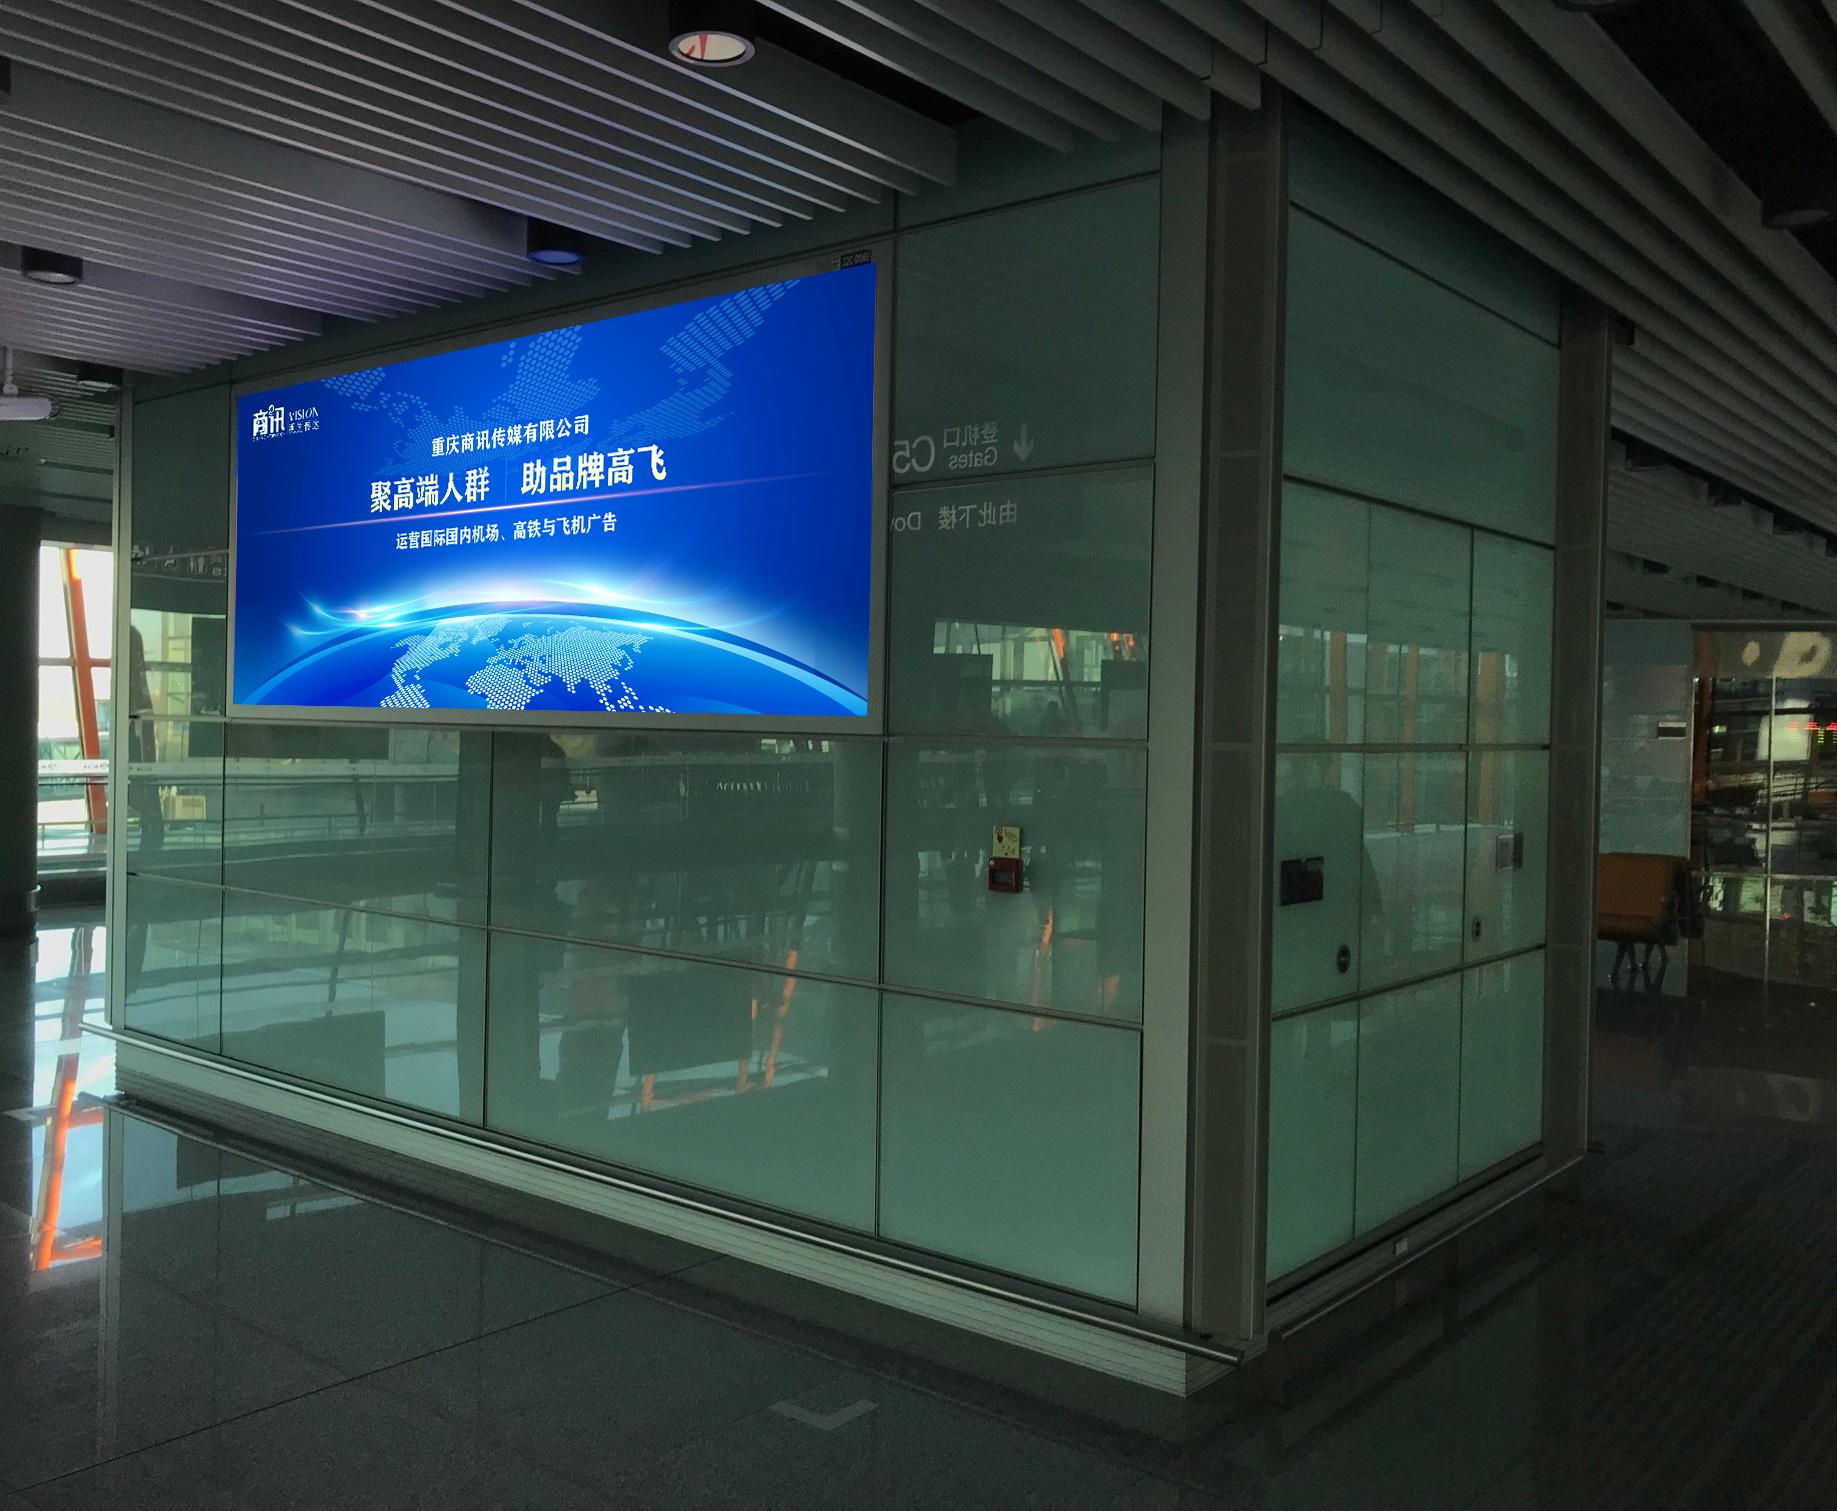 北京首都机场广告|品牌推广|机场广告|飞机广告|品牌策划|品牌设计公司